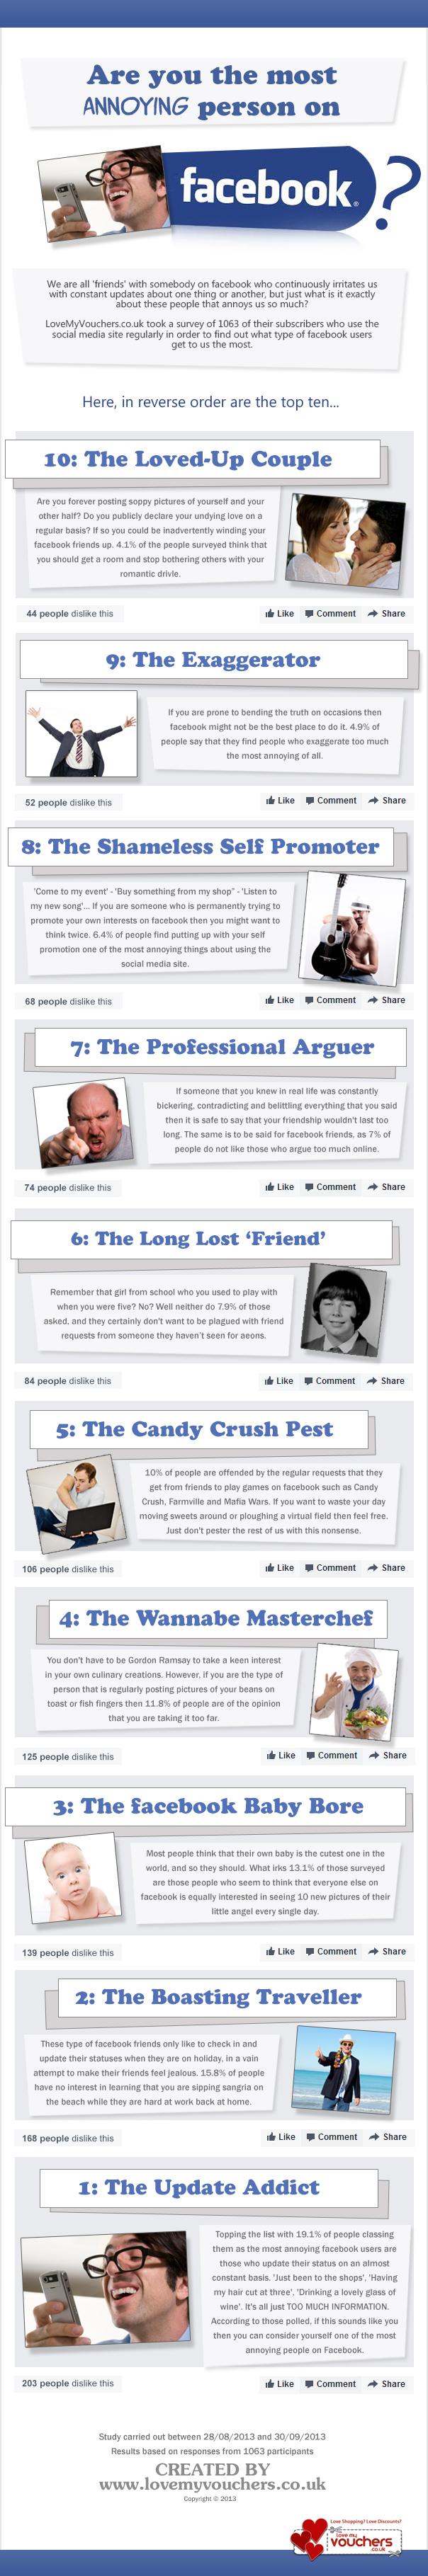 Los-10-tipos-de-gente-mas-molesta-en-facebook